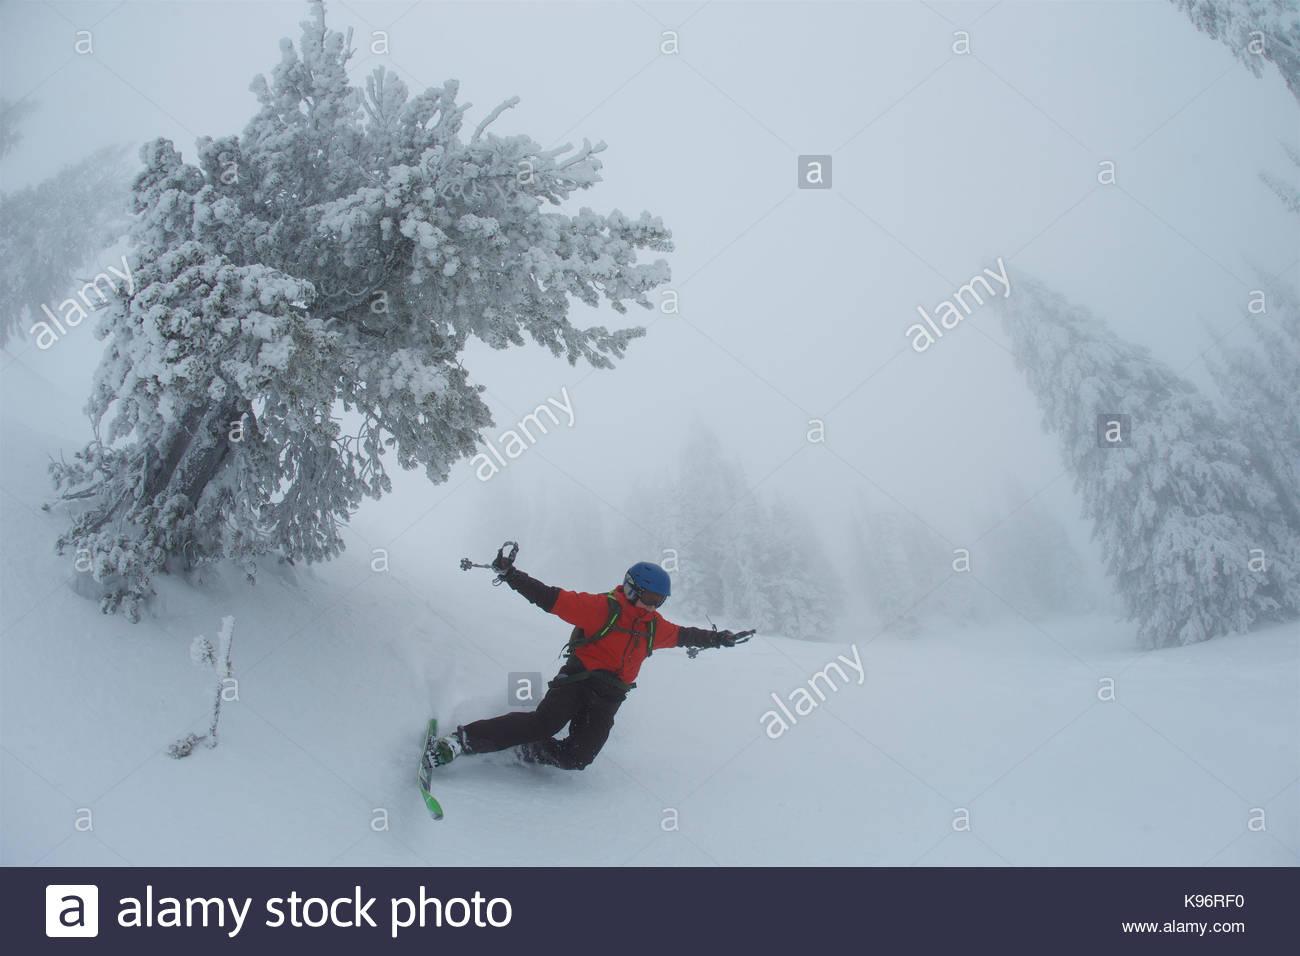 Un jovencito cae mientras esquía en condiciones de niebla, whiteout cerca de escarcha cubiertos de árboles Imagen De Stock